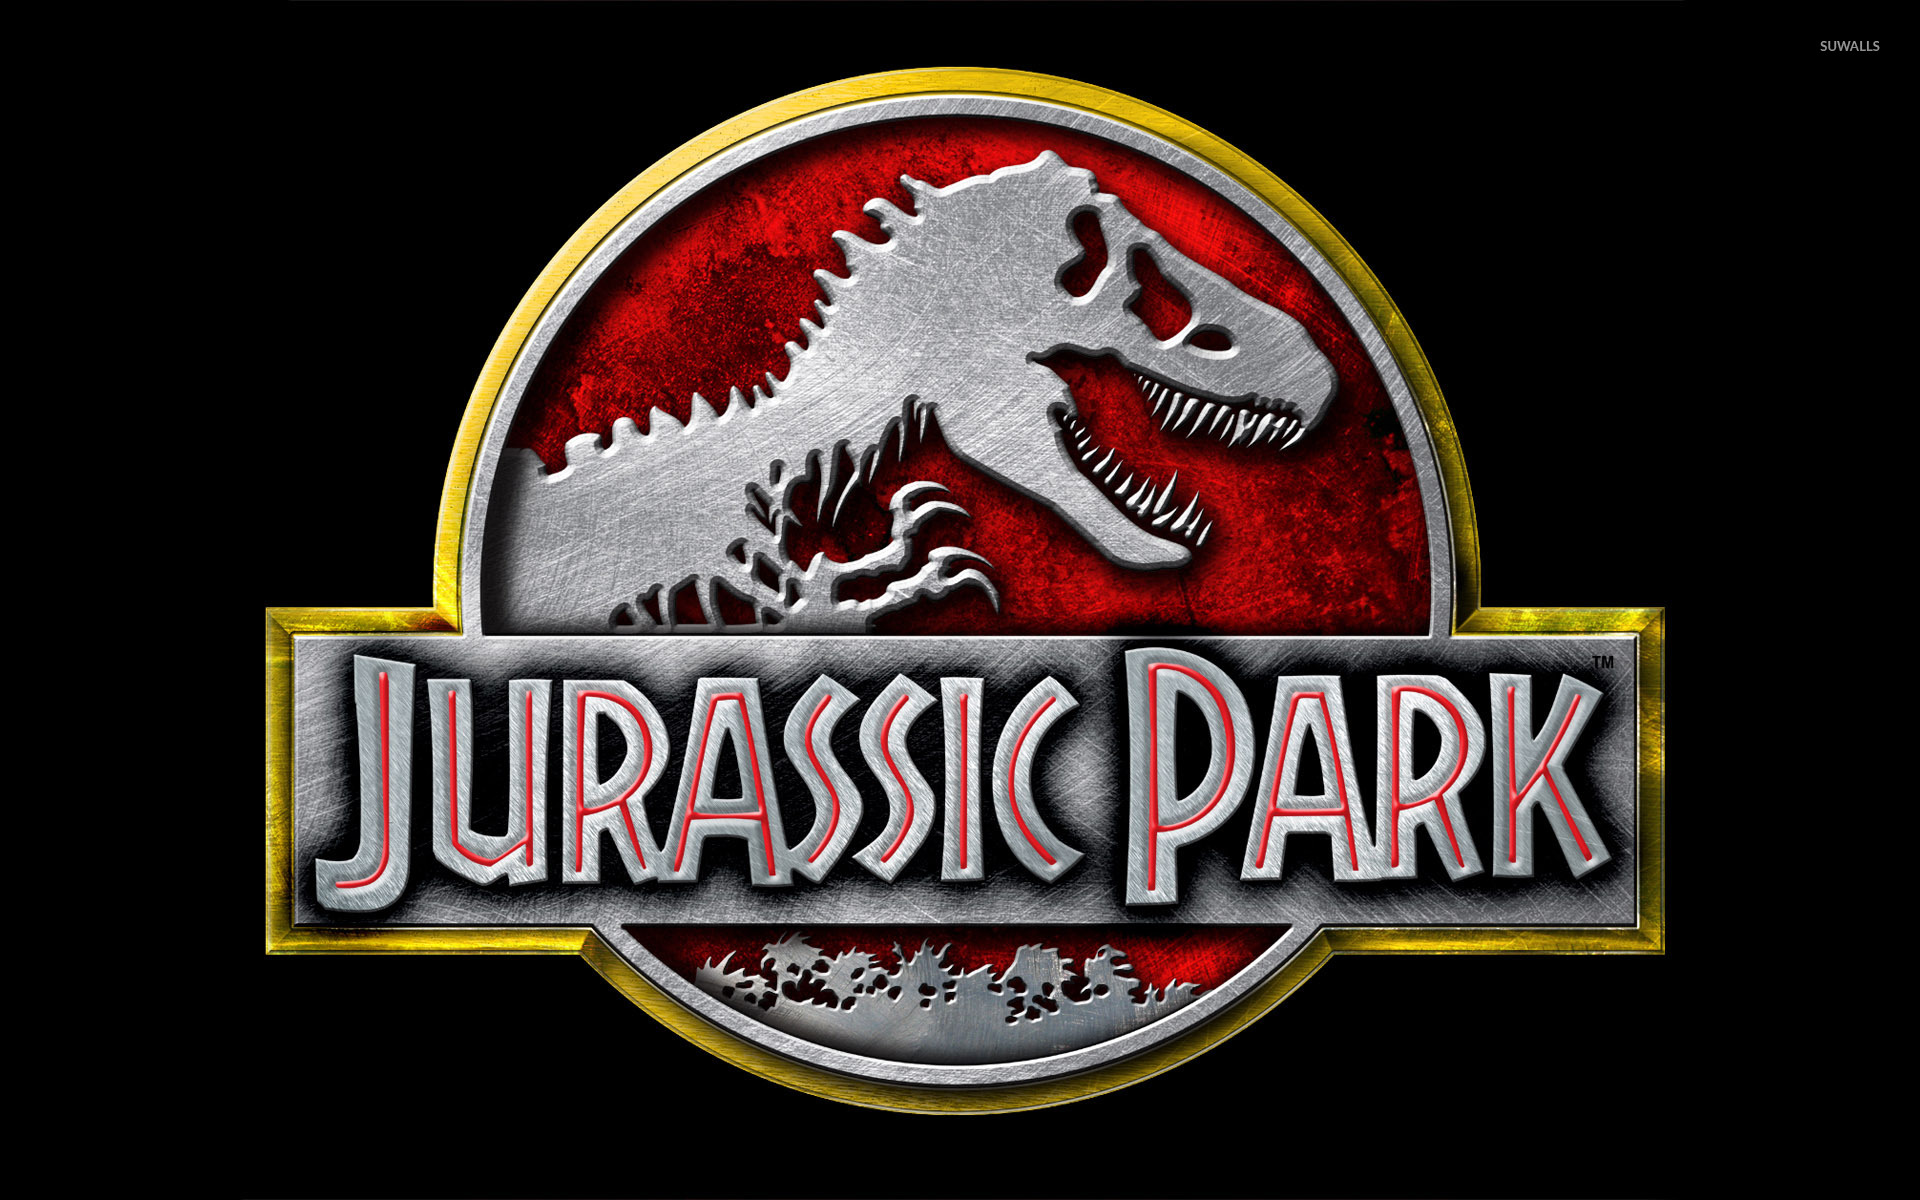 Jurassic Park [6] wallpaper